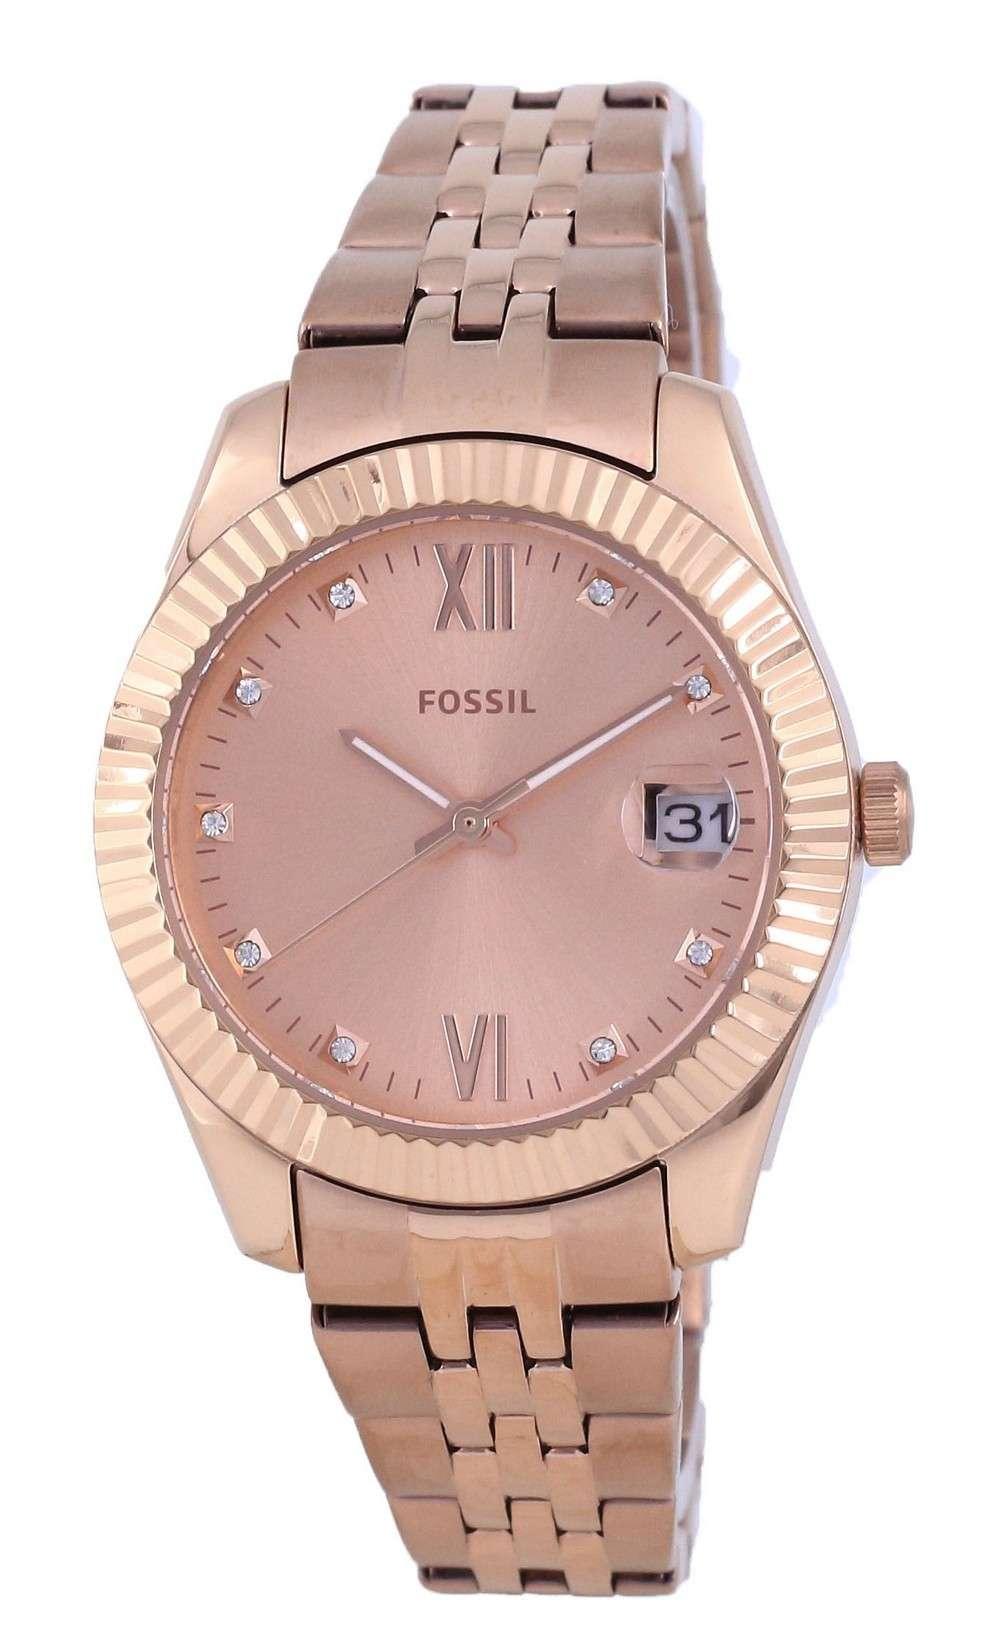 Fossil Scarlette Mini reloj de cuarzo de acero inoxidable en tono dorado rosa ES4898 para mujer